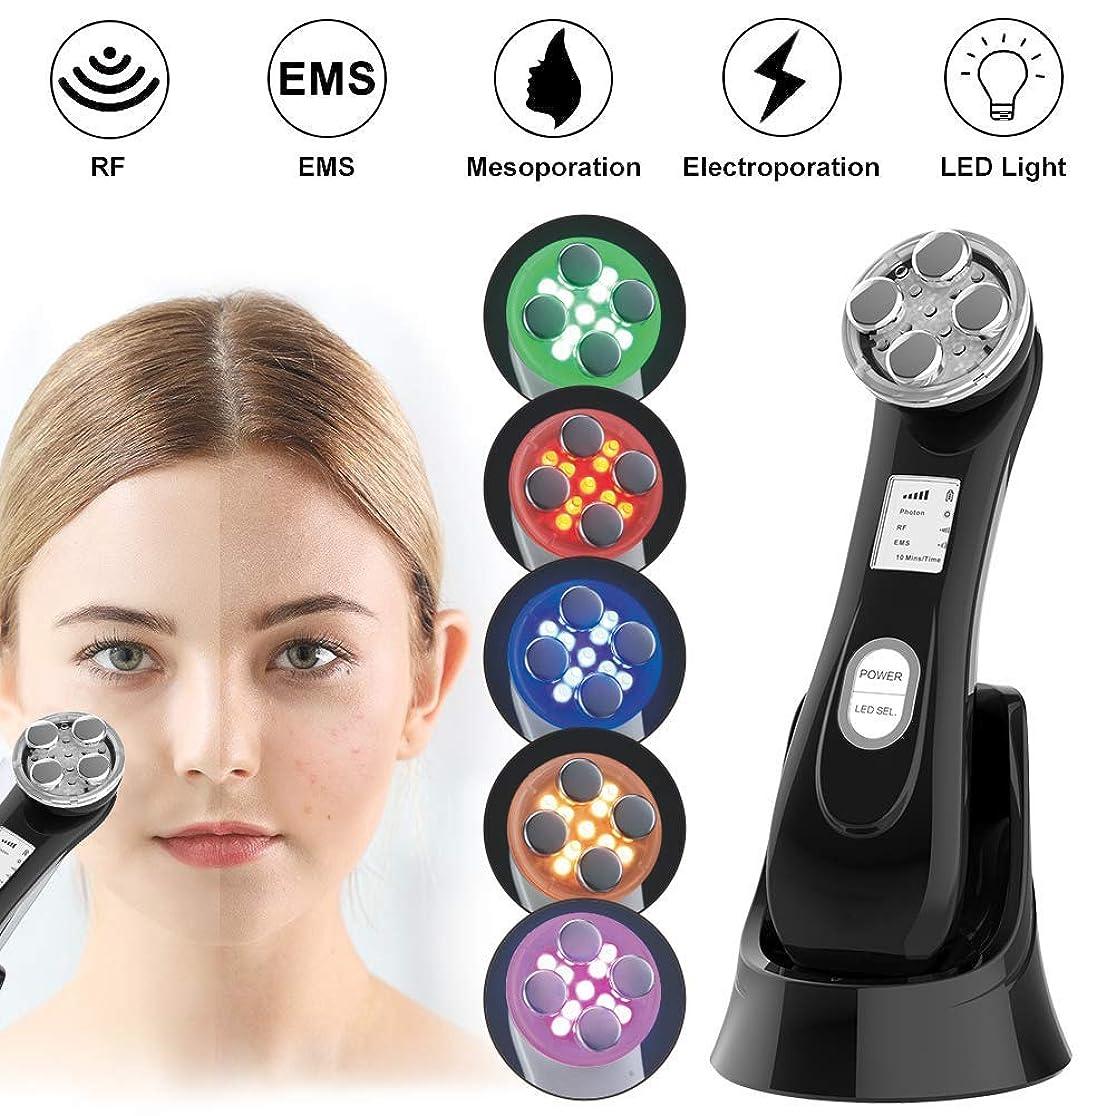 かわいらしい意志バリー肌の引き締め機、しわ除去機、6 in 1 RF美容アンチエイジングアンチニキビフェイシャルリフティング美容機高周波USB充電式EMS超音波LEDフェイシャルフォトンフェイススキンケア